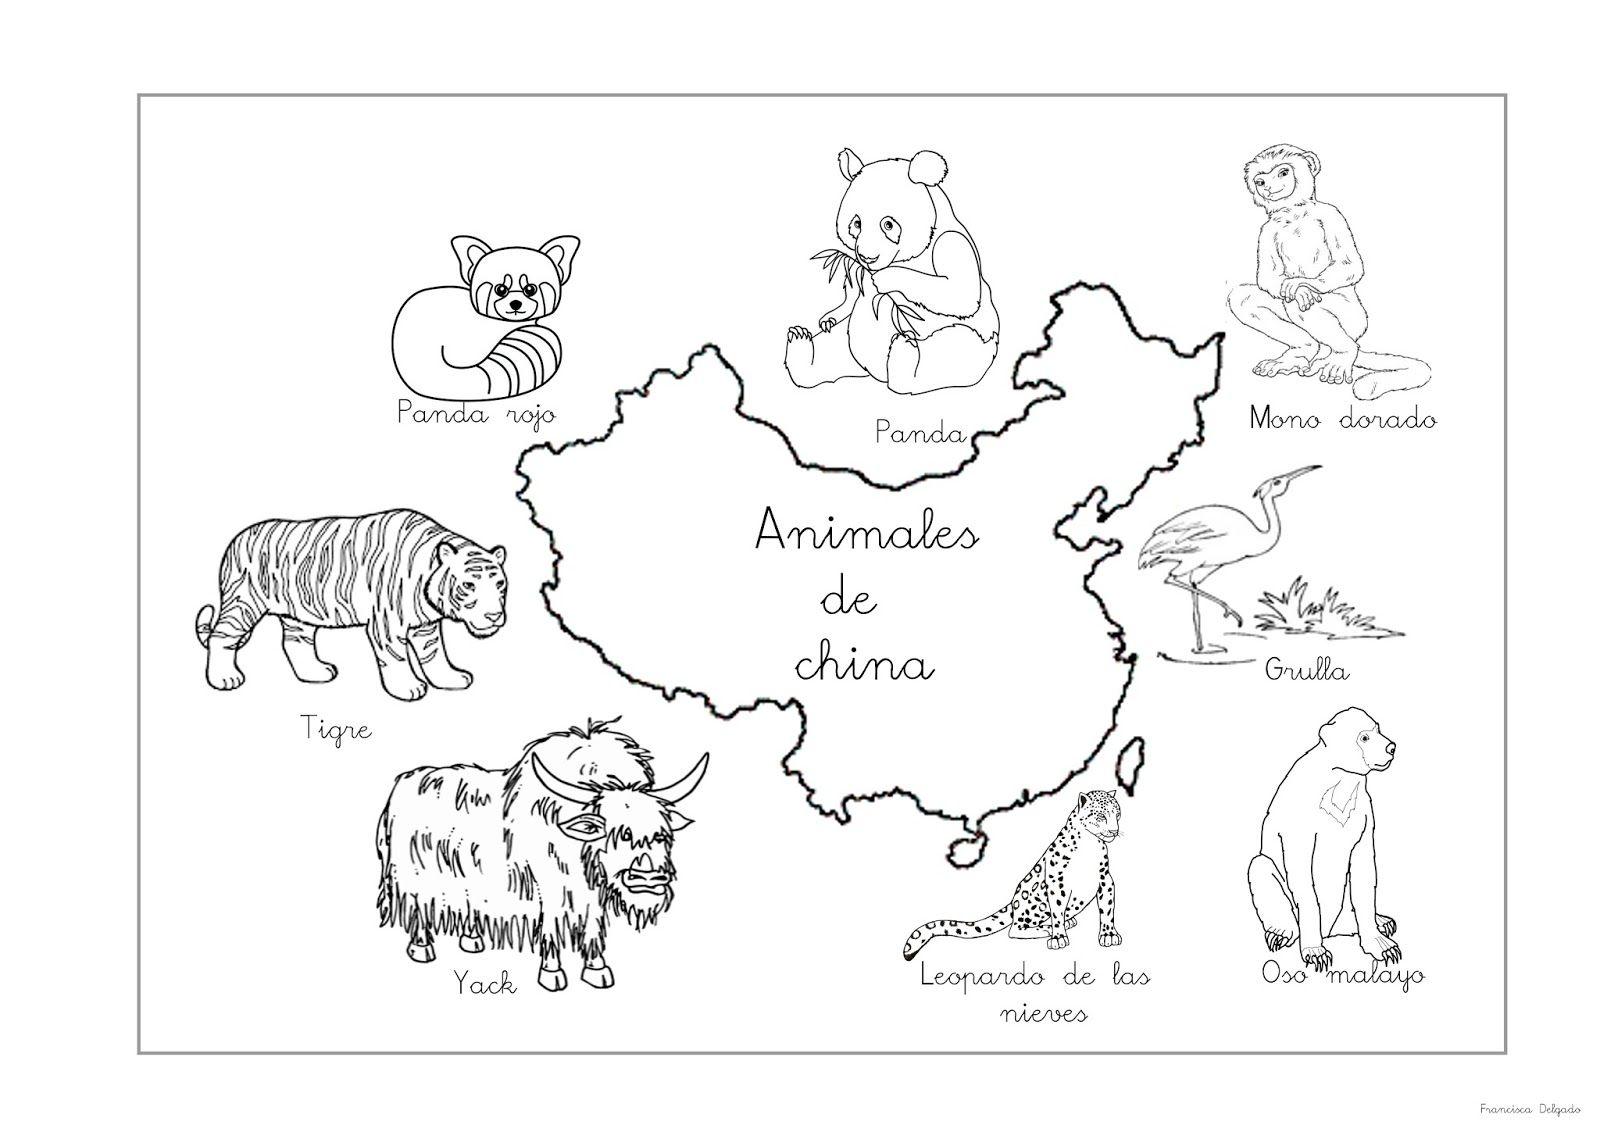 Qué puedo hacer hoy? Coloreo animales | PROYECTO ANIMALARIO ...